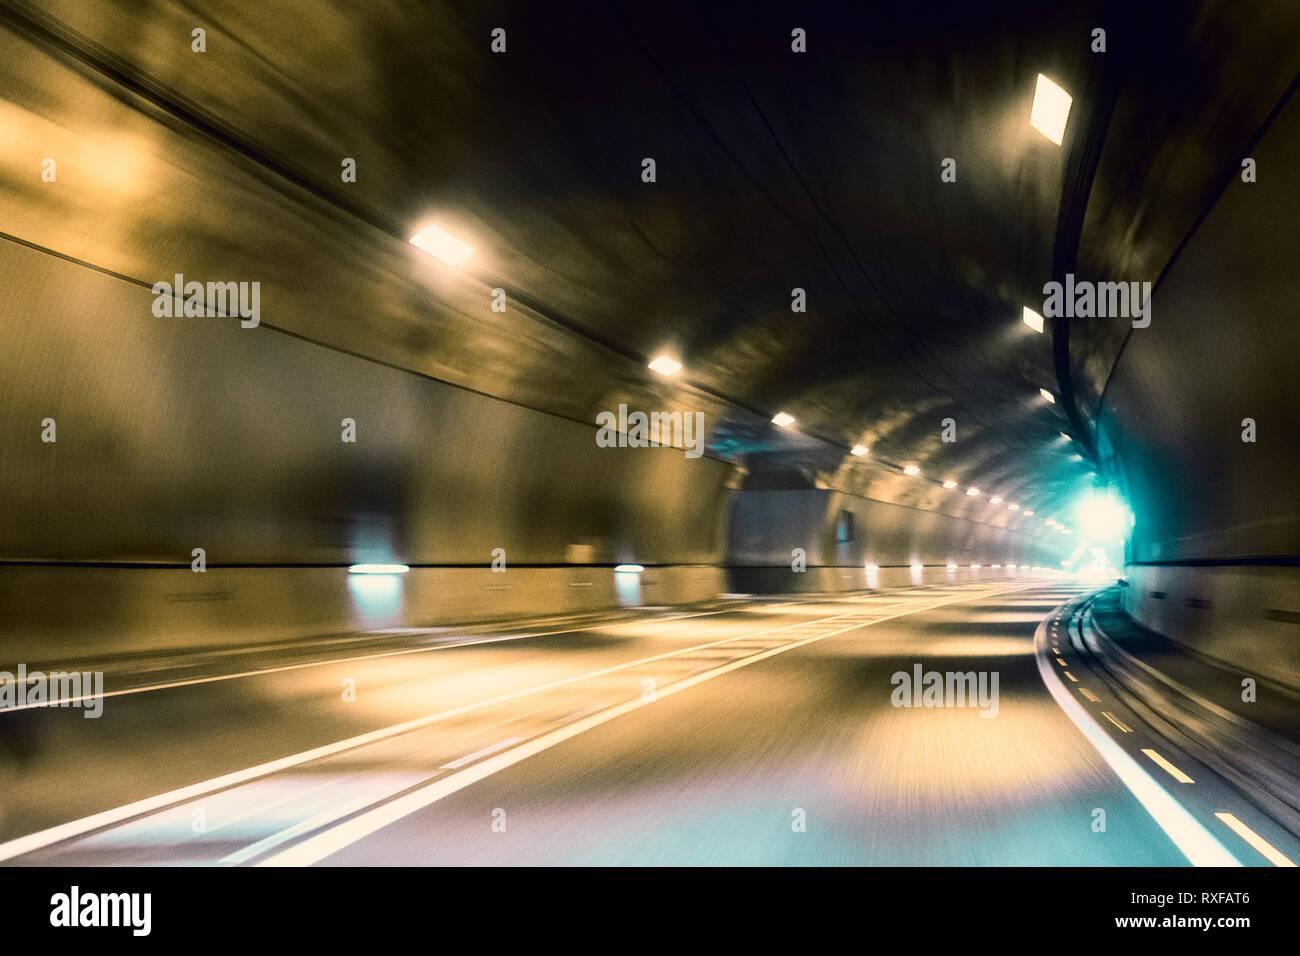 Fahrt durch den Tunnel - Licht am Ende des Tunnels Stockbild